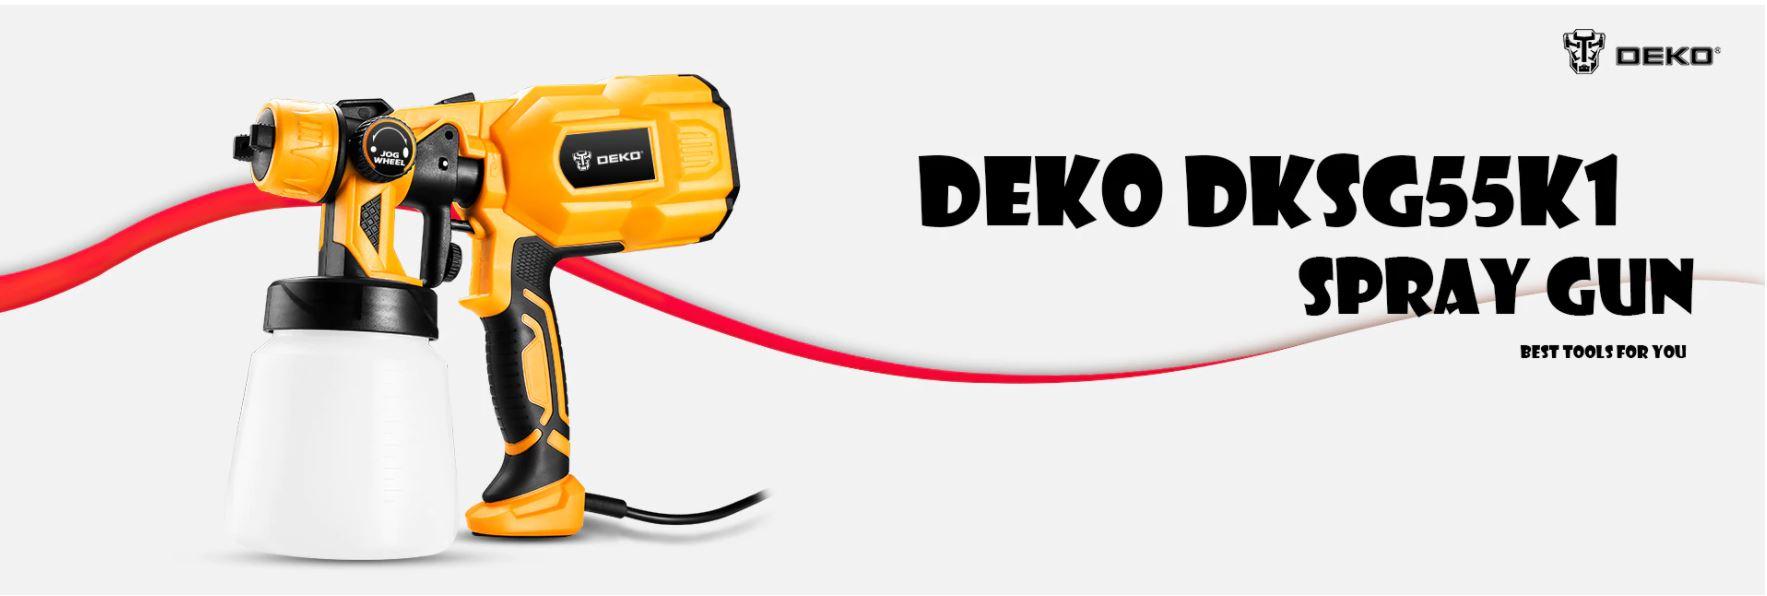 Najlepsze narzędzia z Aliexpress - promocja produktów marki DEKO - pistolet natryskowy DEKO DKSG55K1